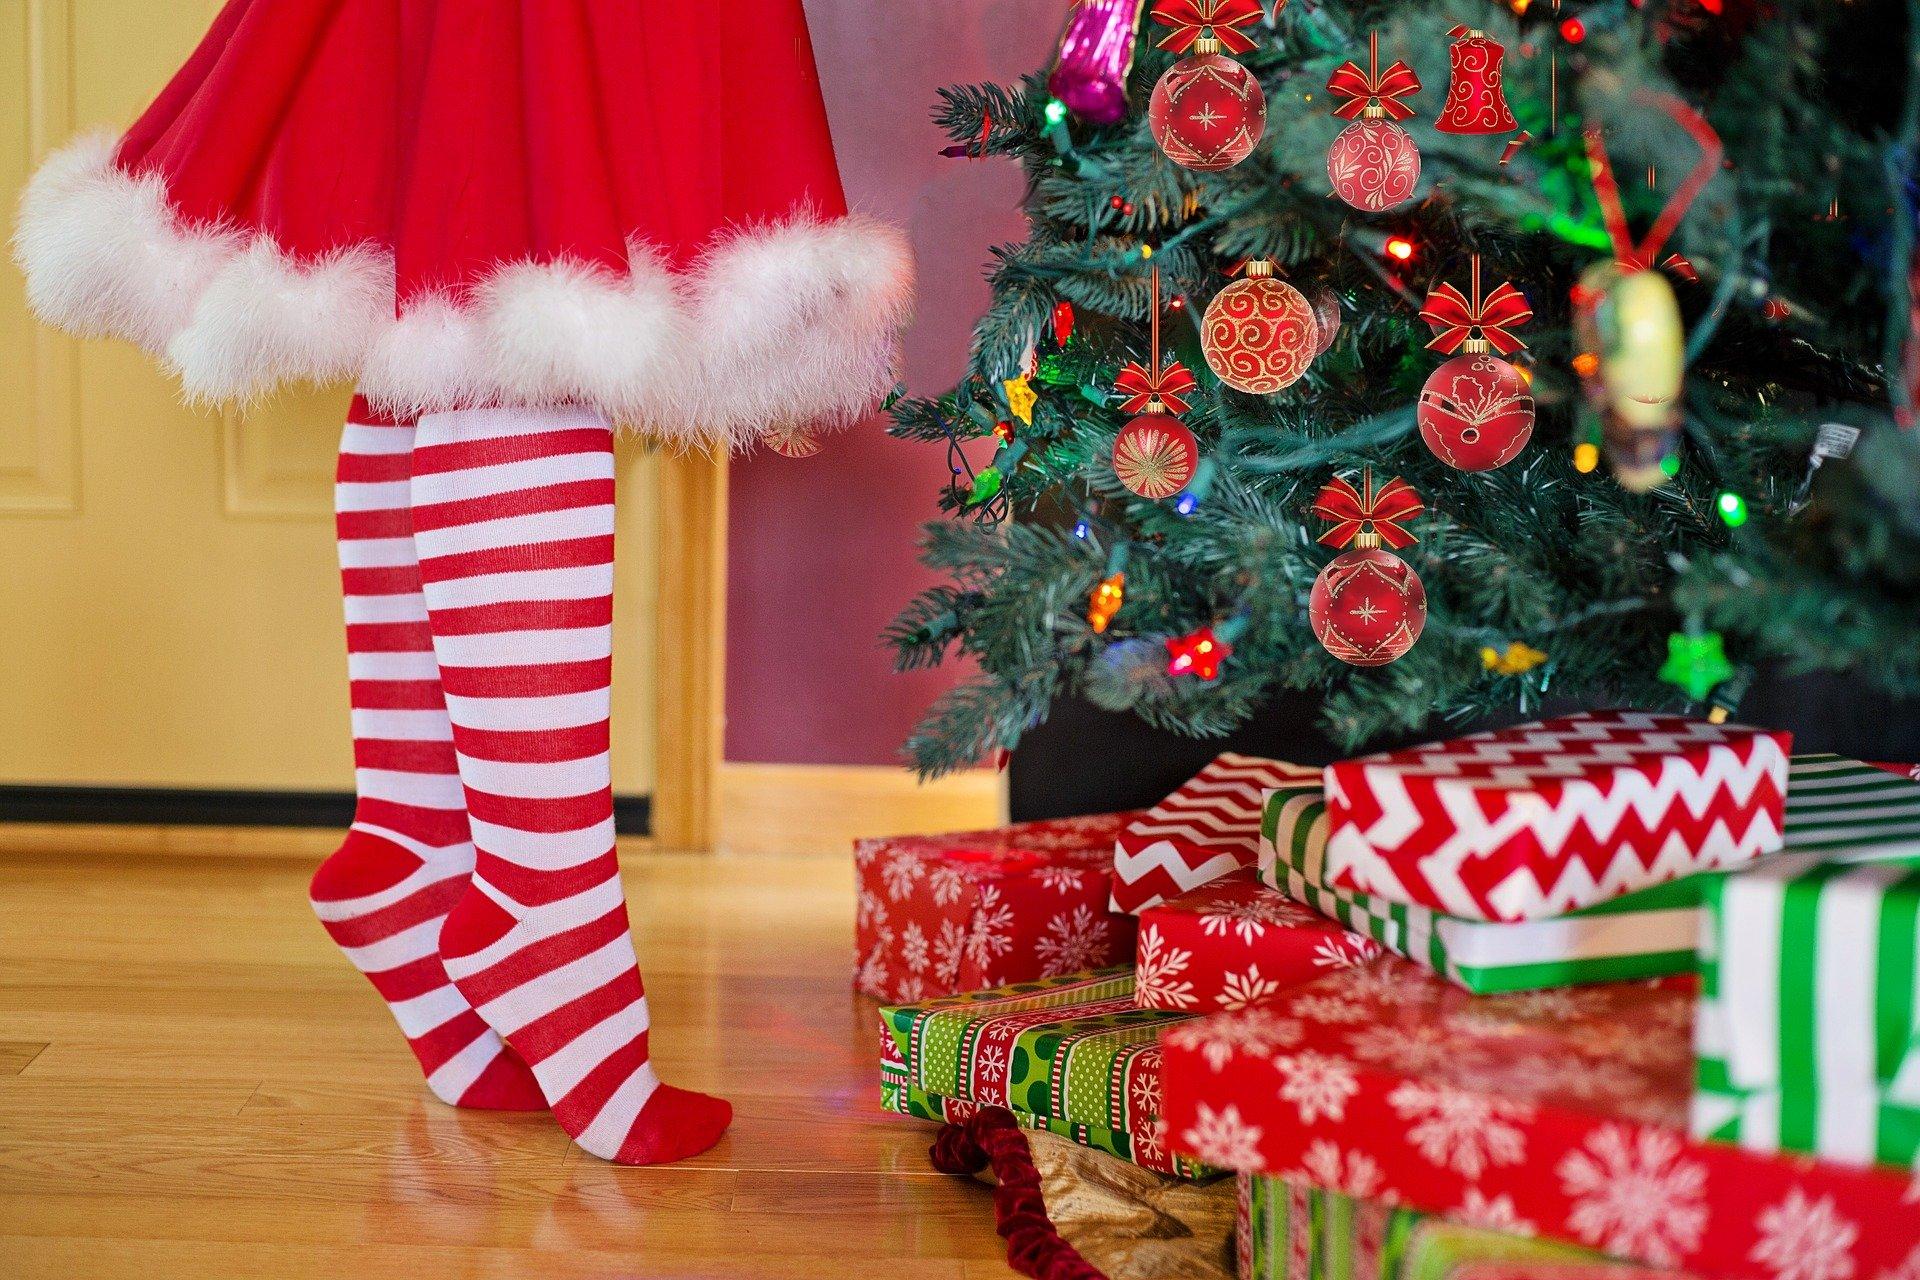 Regole semplici per un Natale perfetto